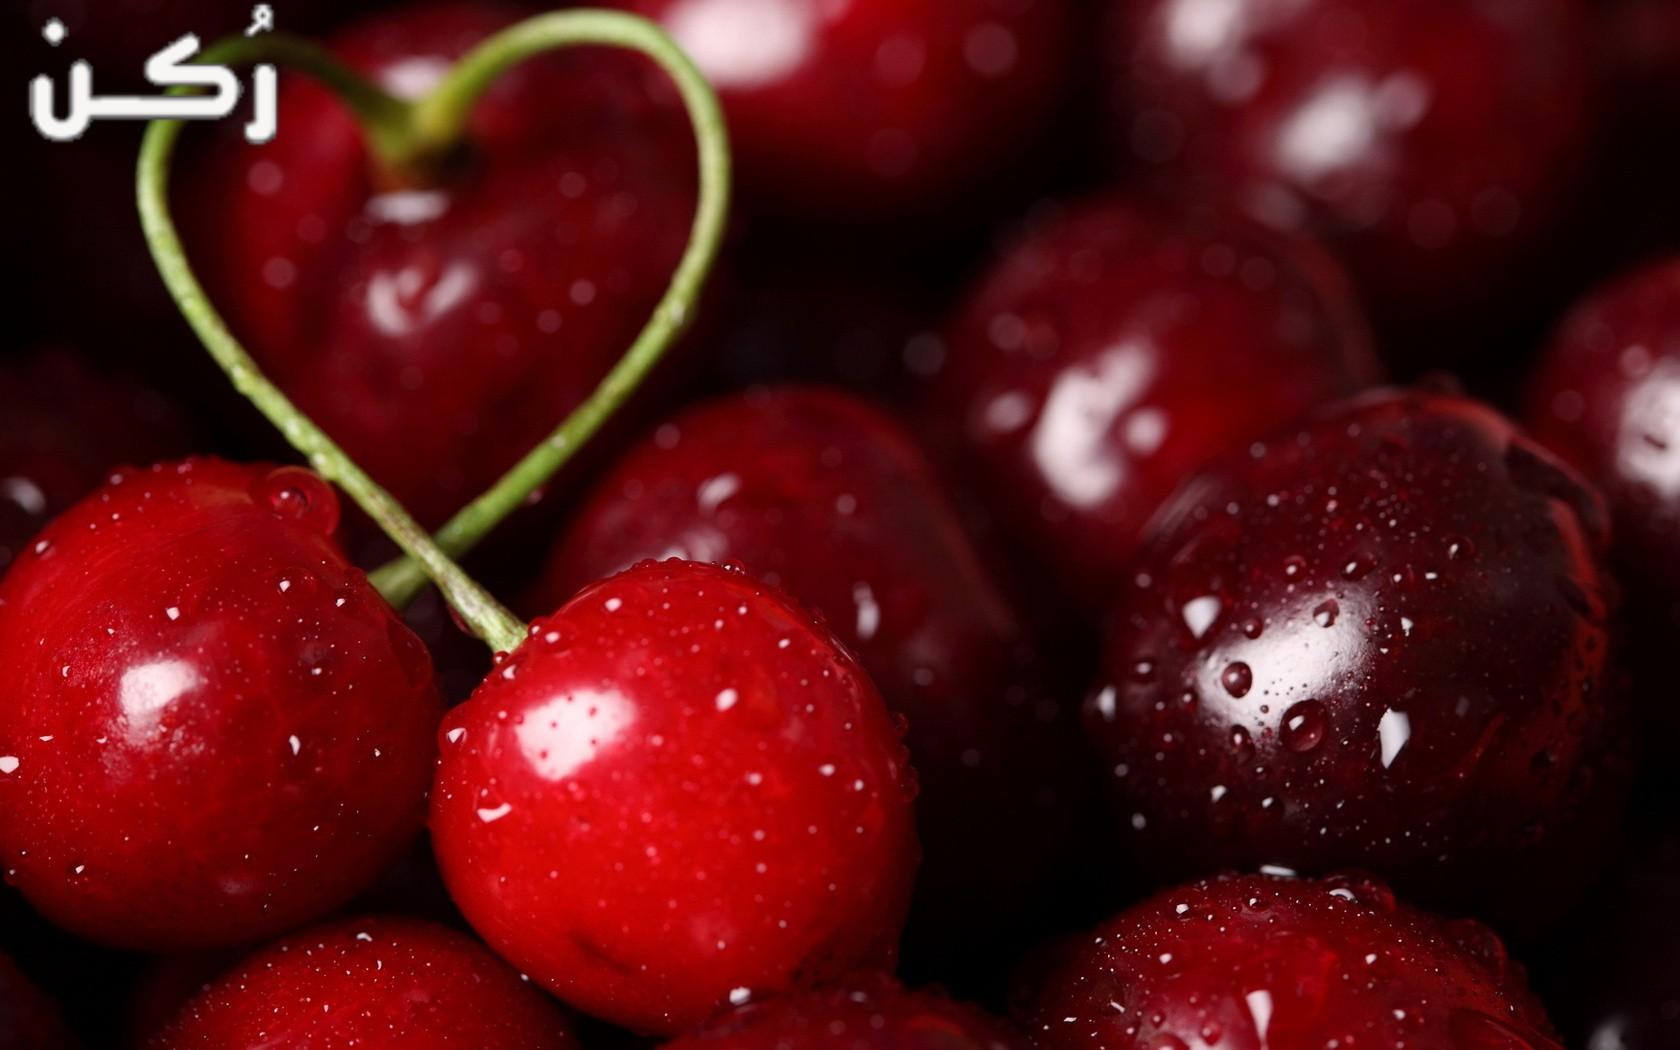 فوائد الكرز للشعر والبشرة وصحة العظام ومكافحة السرطان